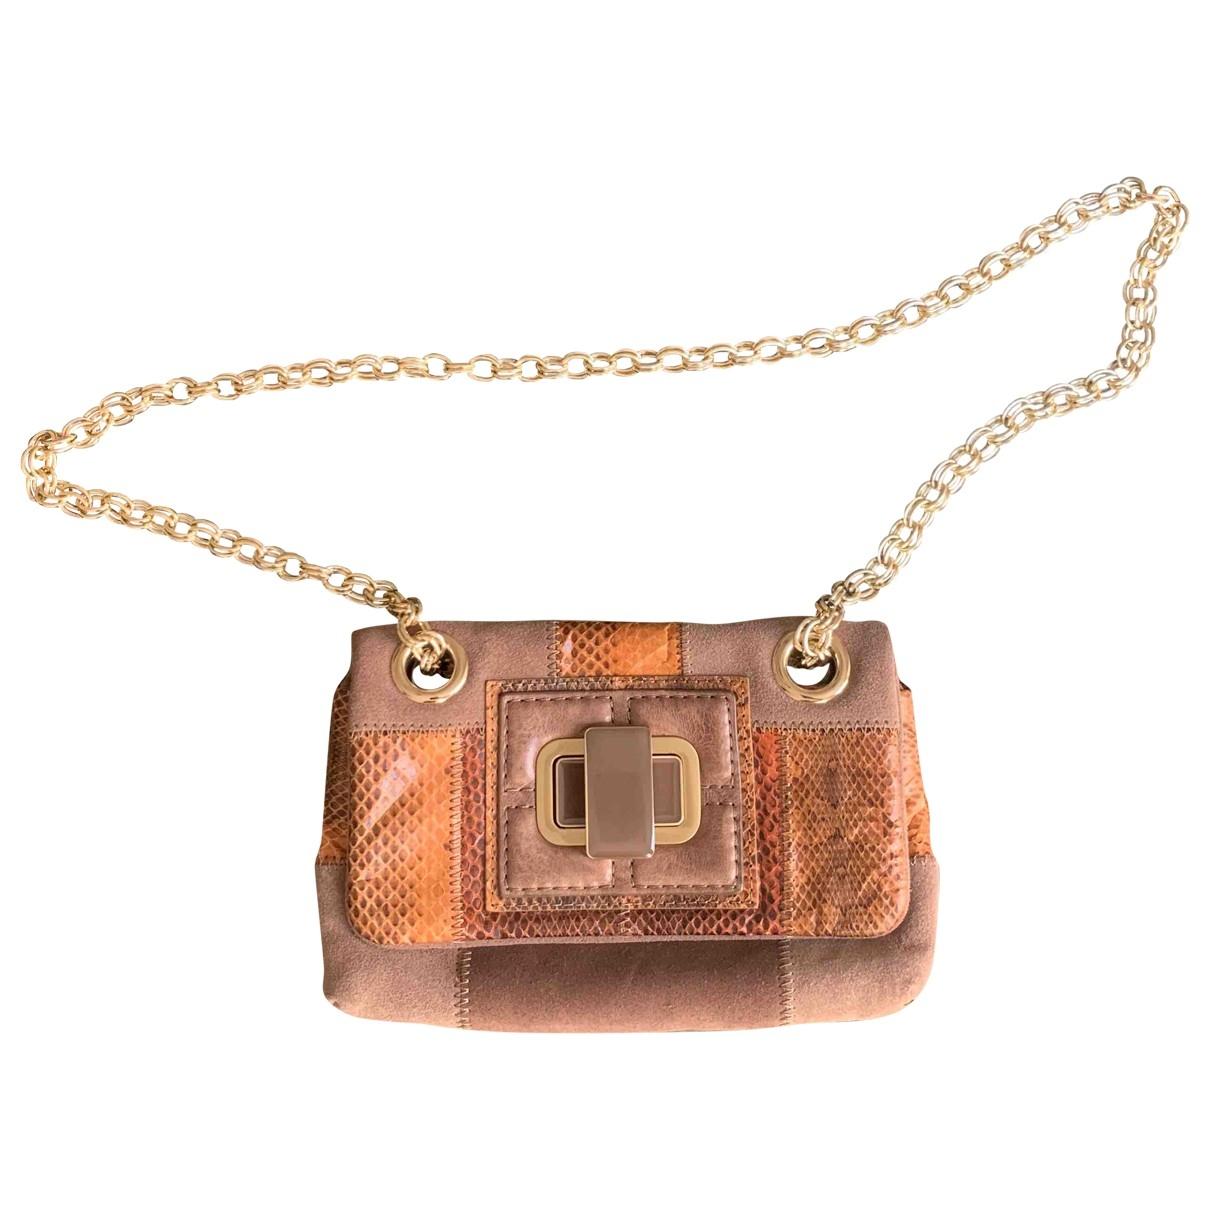 Maliparmi \N Handtasche in  Beige Leder